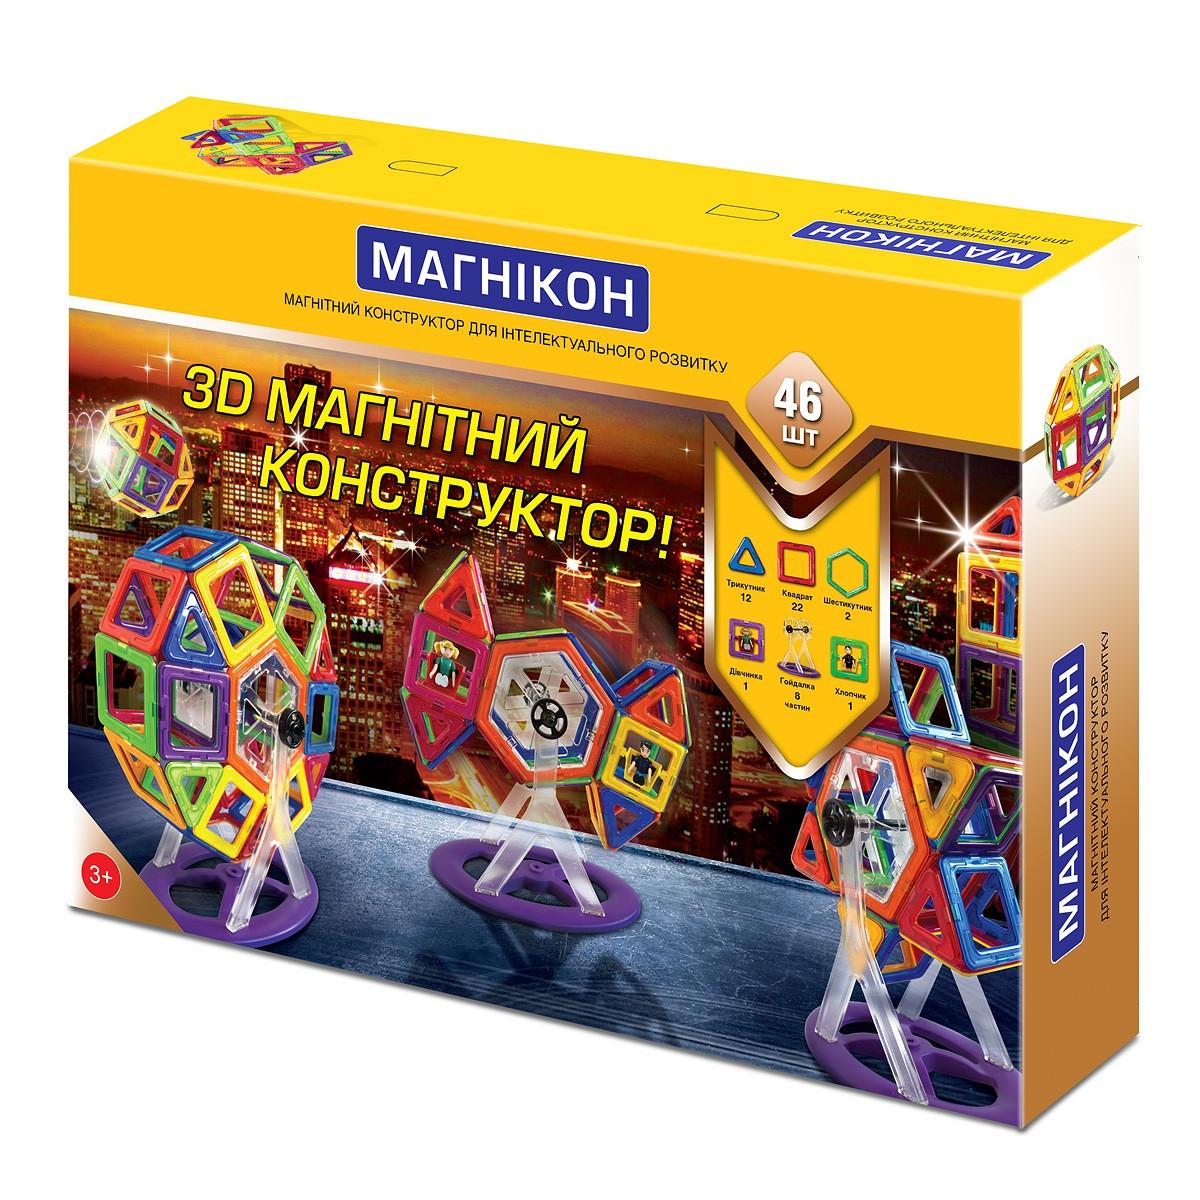 Магнитный 3Д конструктор Магникон 46 дет. (МК-46)